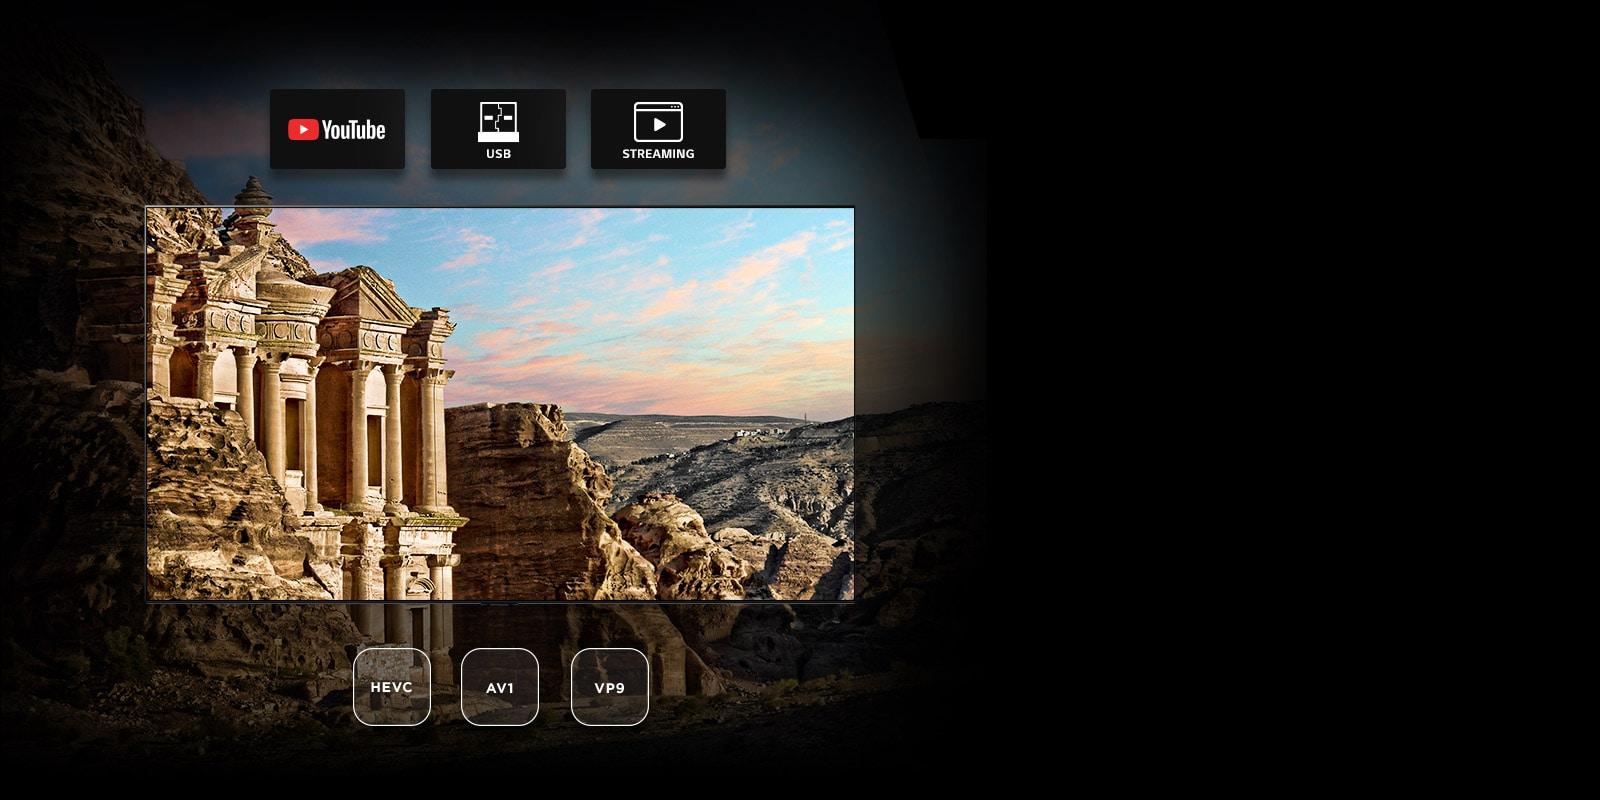 La pantalla del TV con una imagen de arquitectura antigua